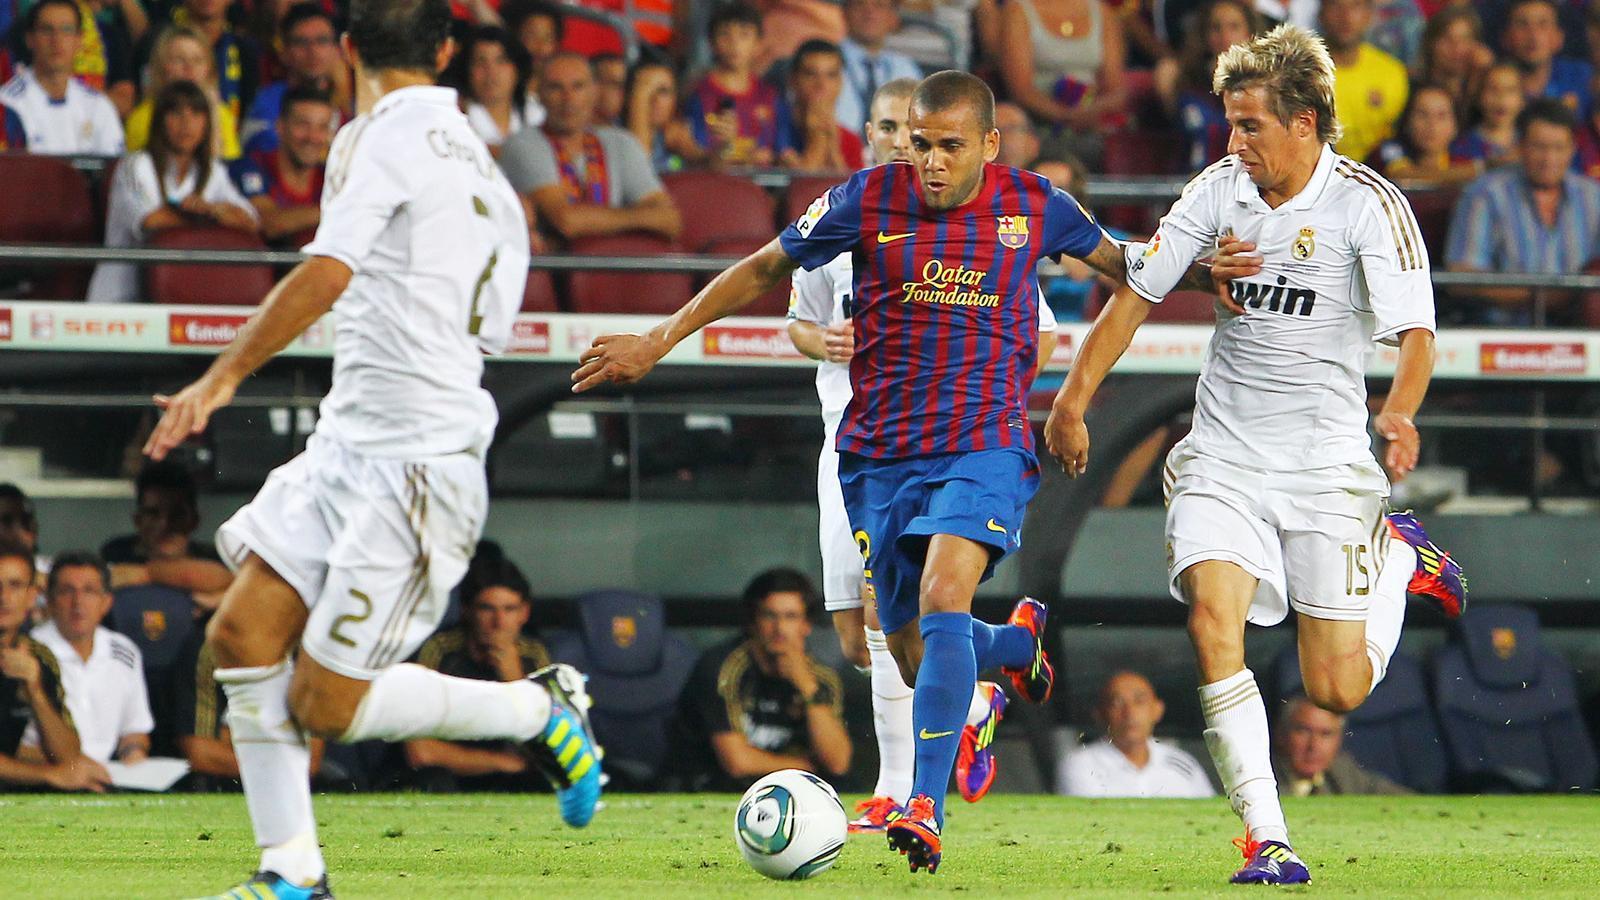 SETÈ CLÀSSIC   Barça i Madrid ja s'han trobat sis cops aquest any. Tret de la Supercopa, han batut rècords d'audiència.